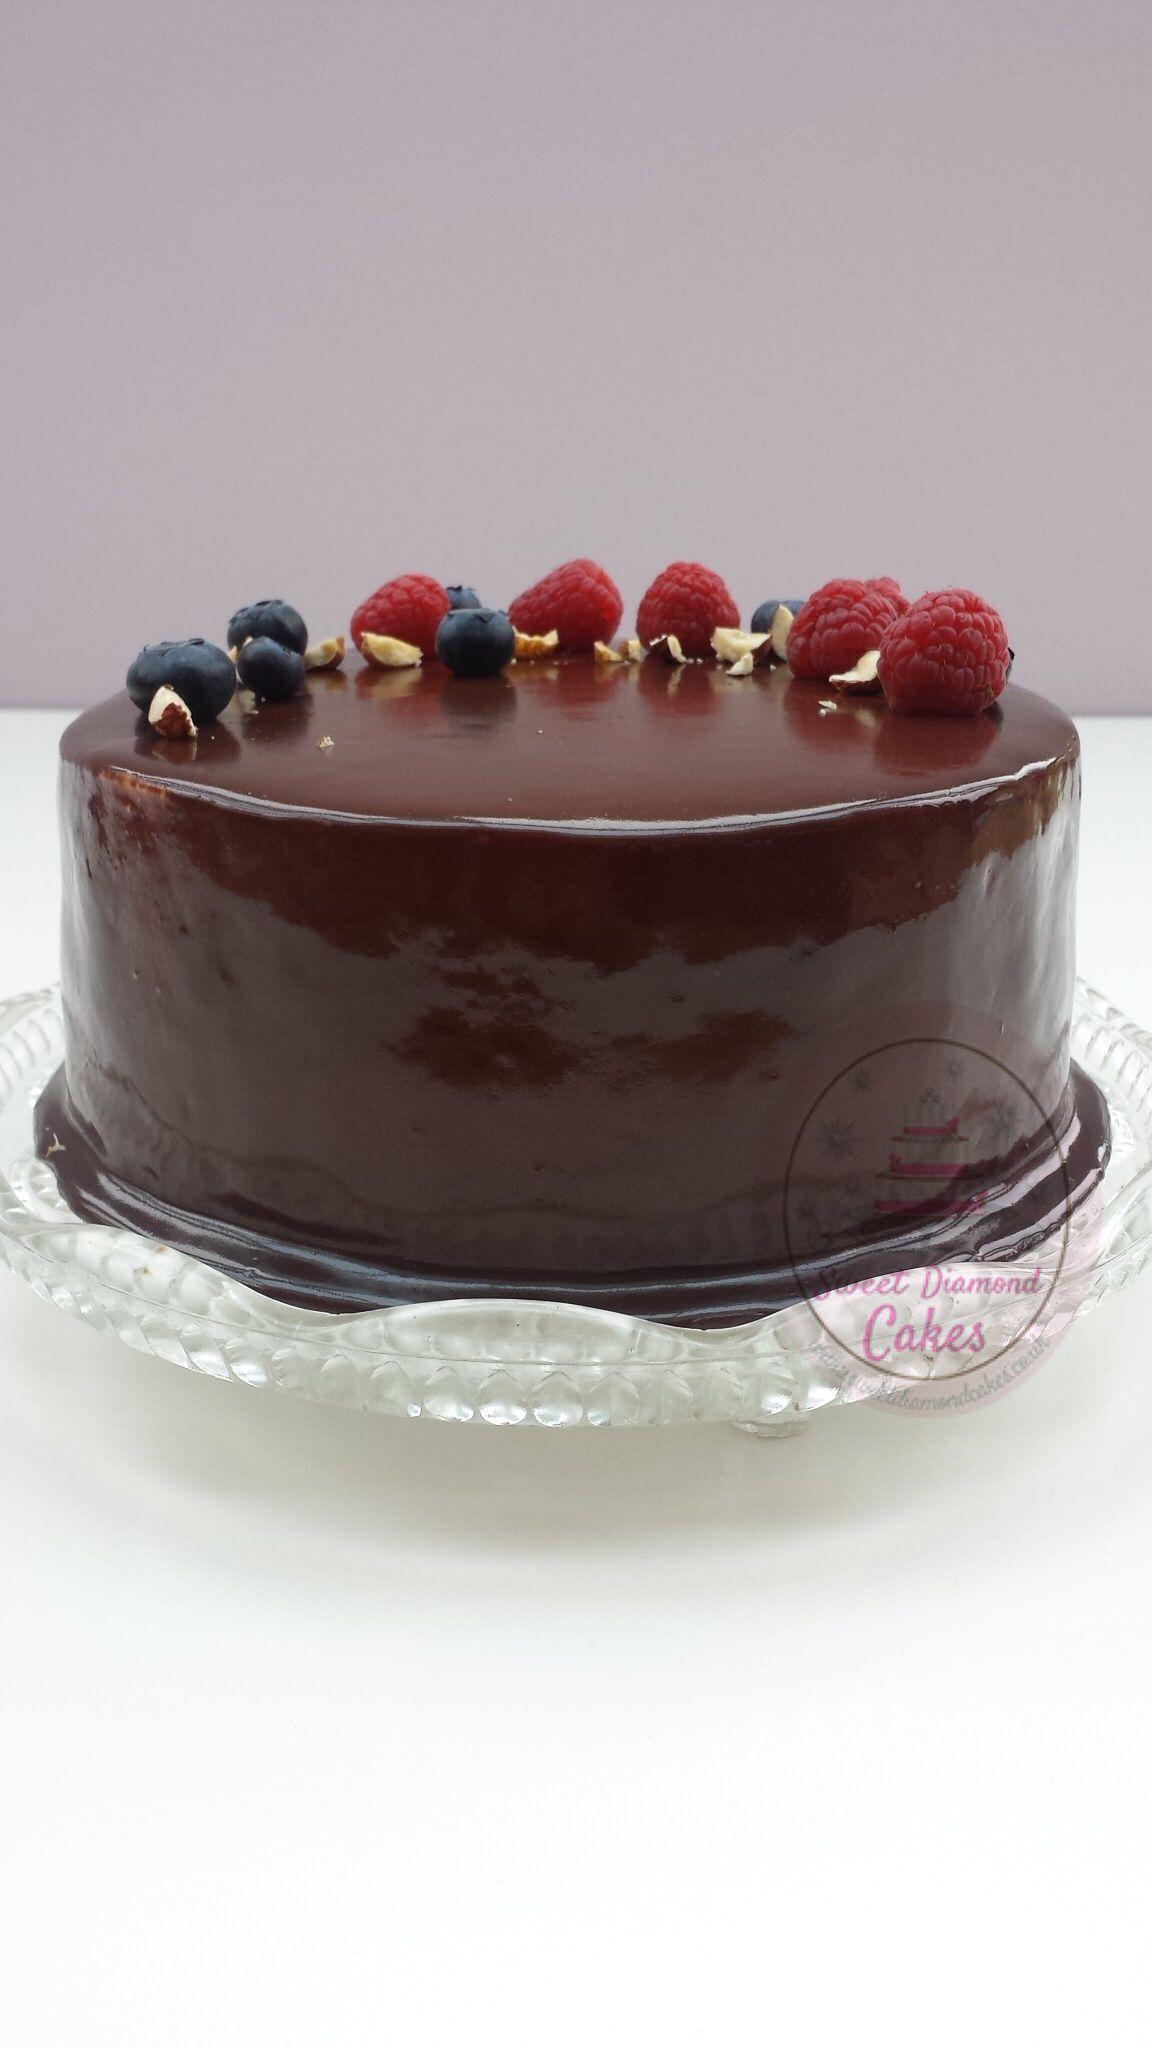 Chocolate mirror glazed cake. Www.sweetdiamondcakes.co.uk ...